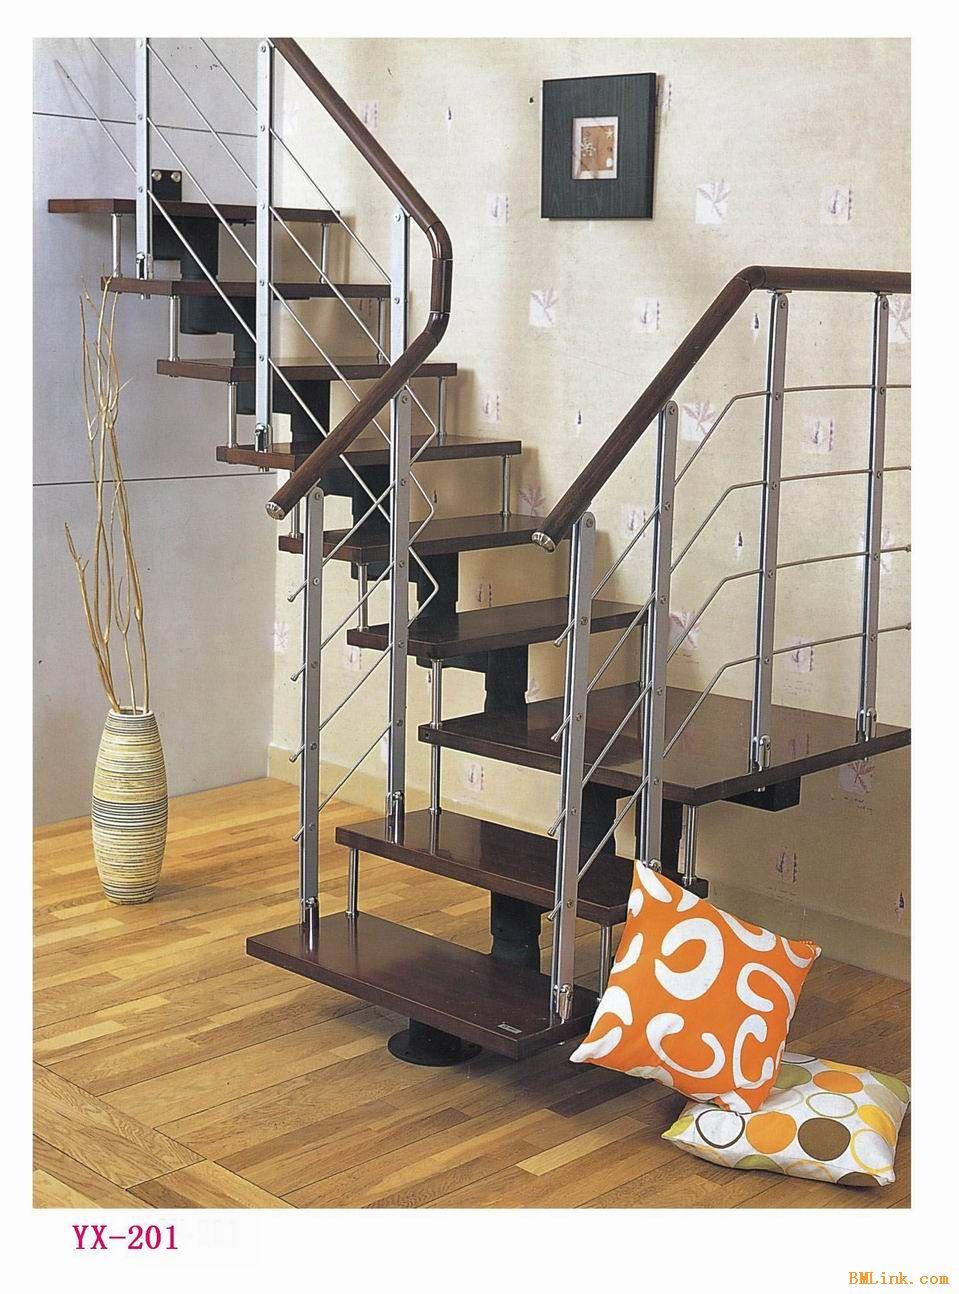 供应楼梯|不锈钢楼梯|实木楼梯|旋转楼梯